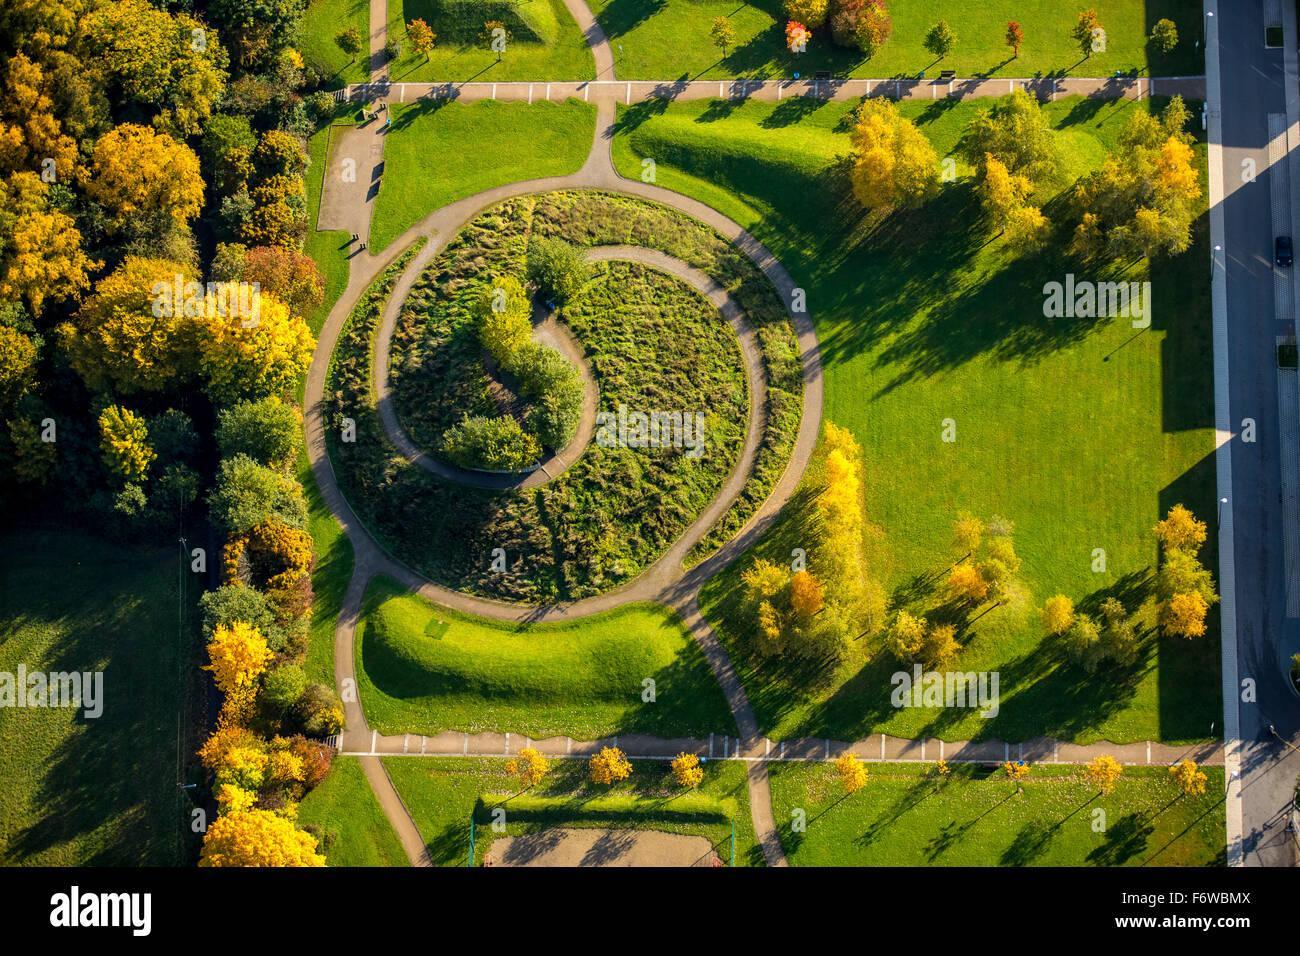 Ying Yang signe, Dilldorfer Kupferdreh hauteur, jardin, monument, Essen, Ruhr, Rhénanie du Nord-Westphalie, Photo Stock